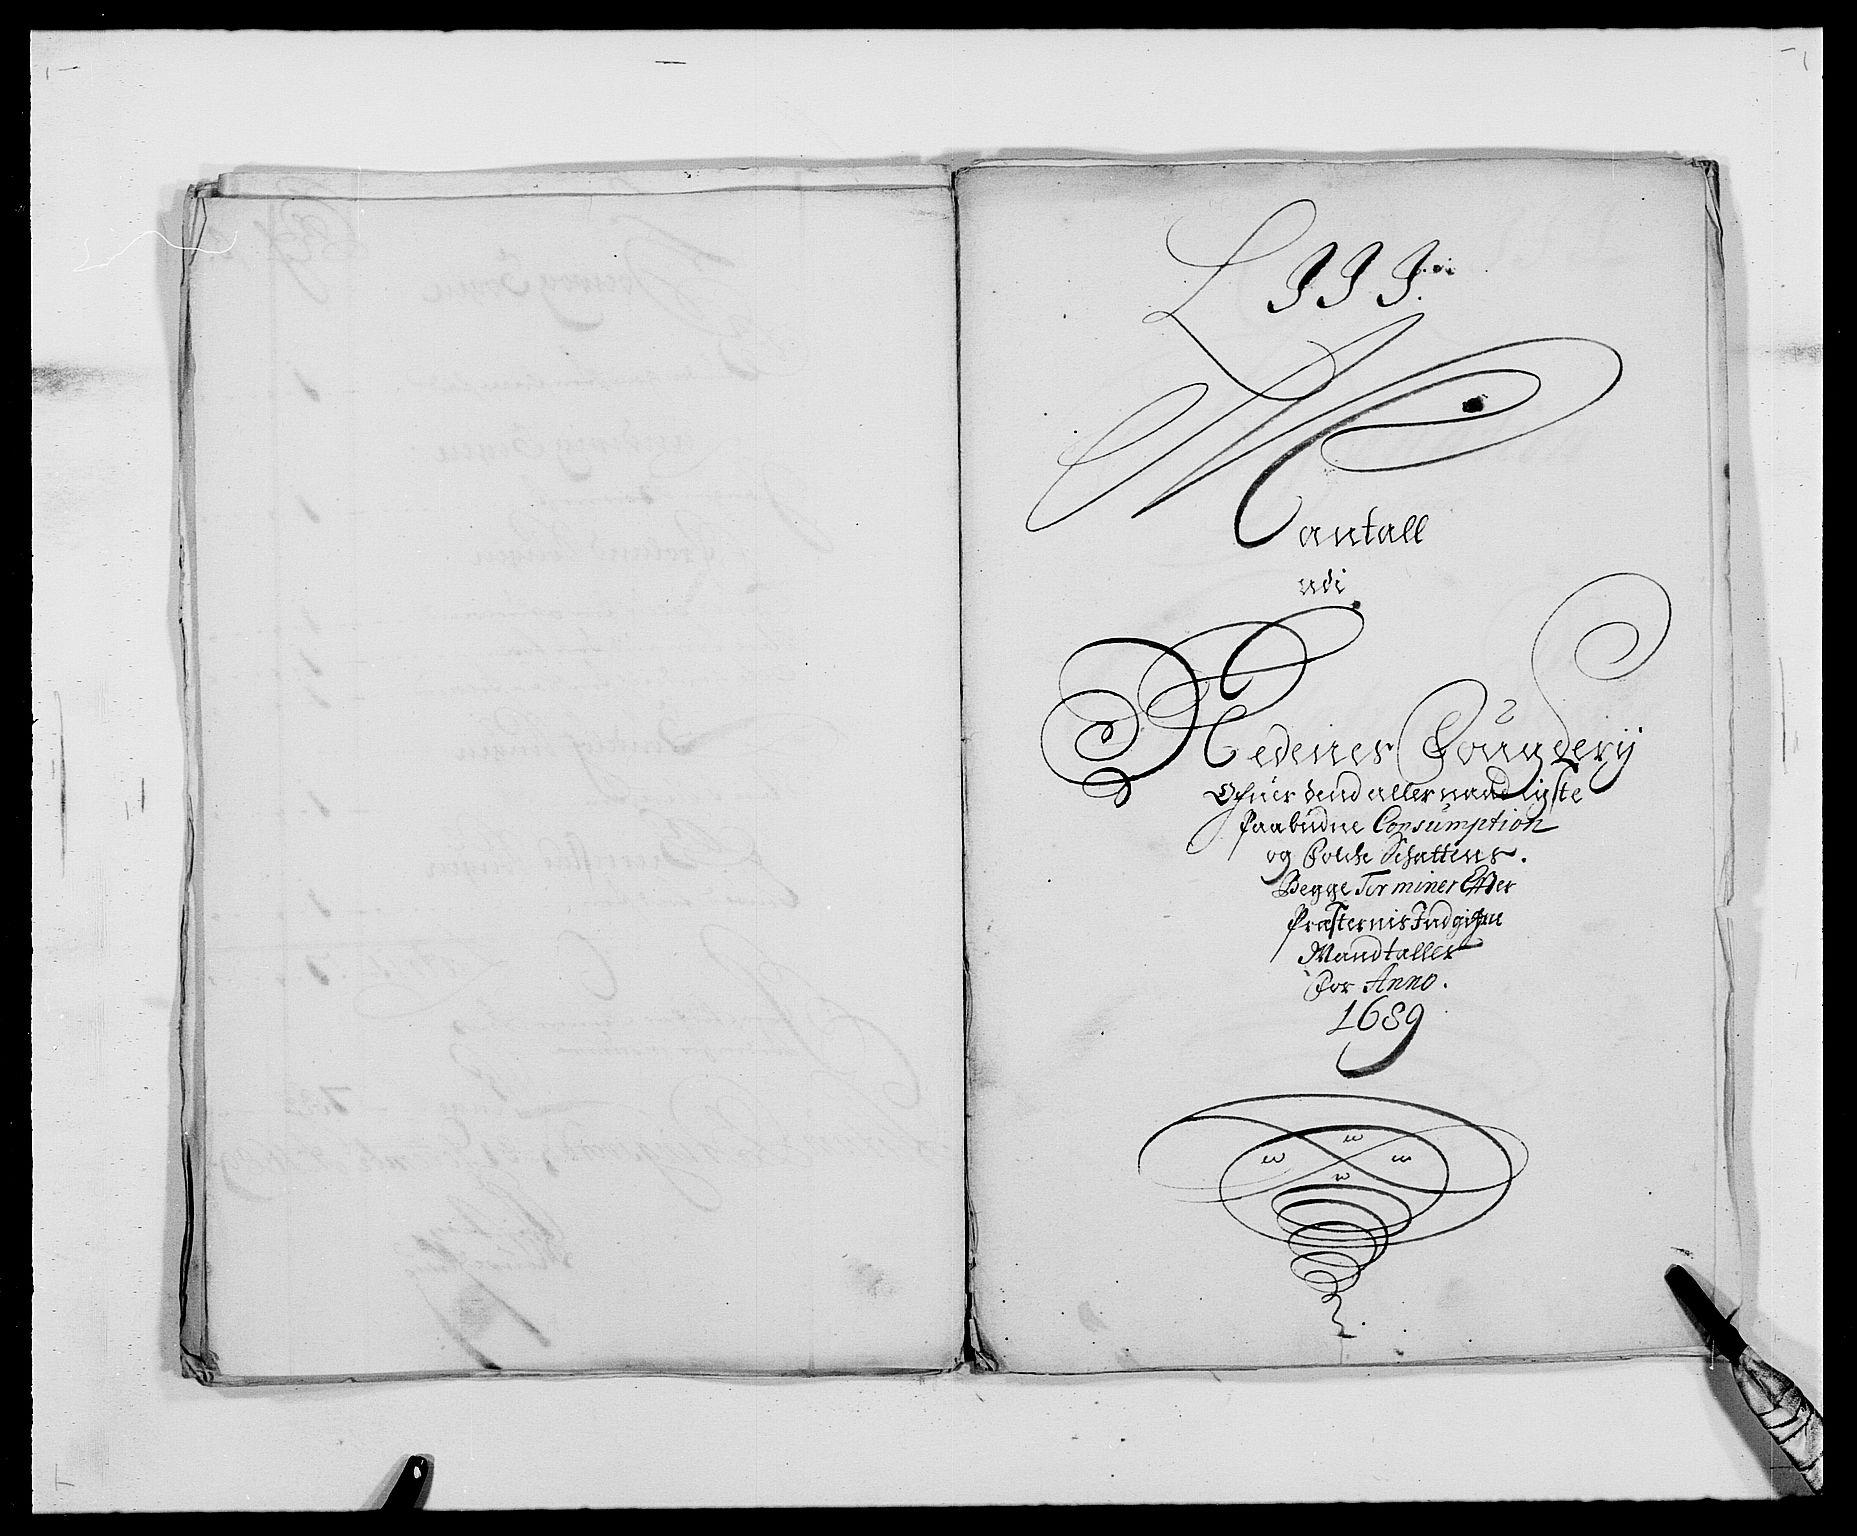 RA, Rentekammeret inntil 1814, Reviderte regnskaper, Fogderegnskap, R39/L2309: Fogderegnskap Nedenes, 1684-1689, s. 341